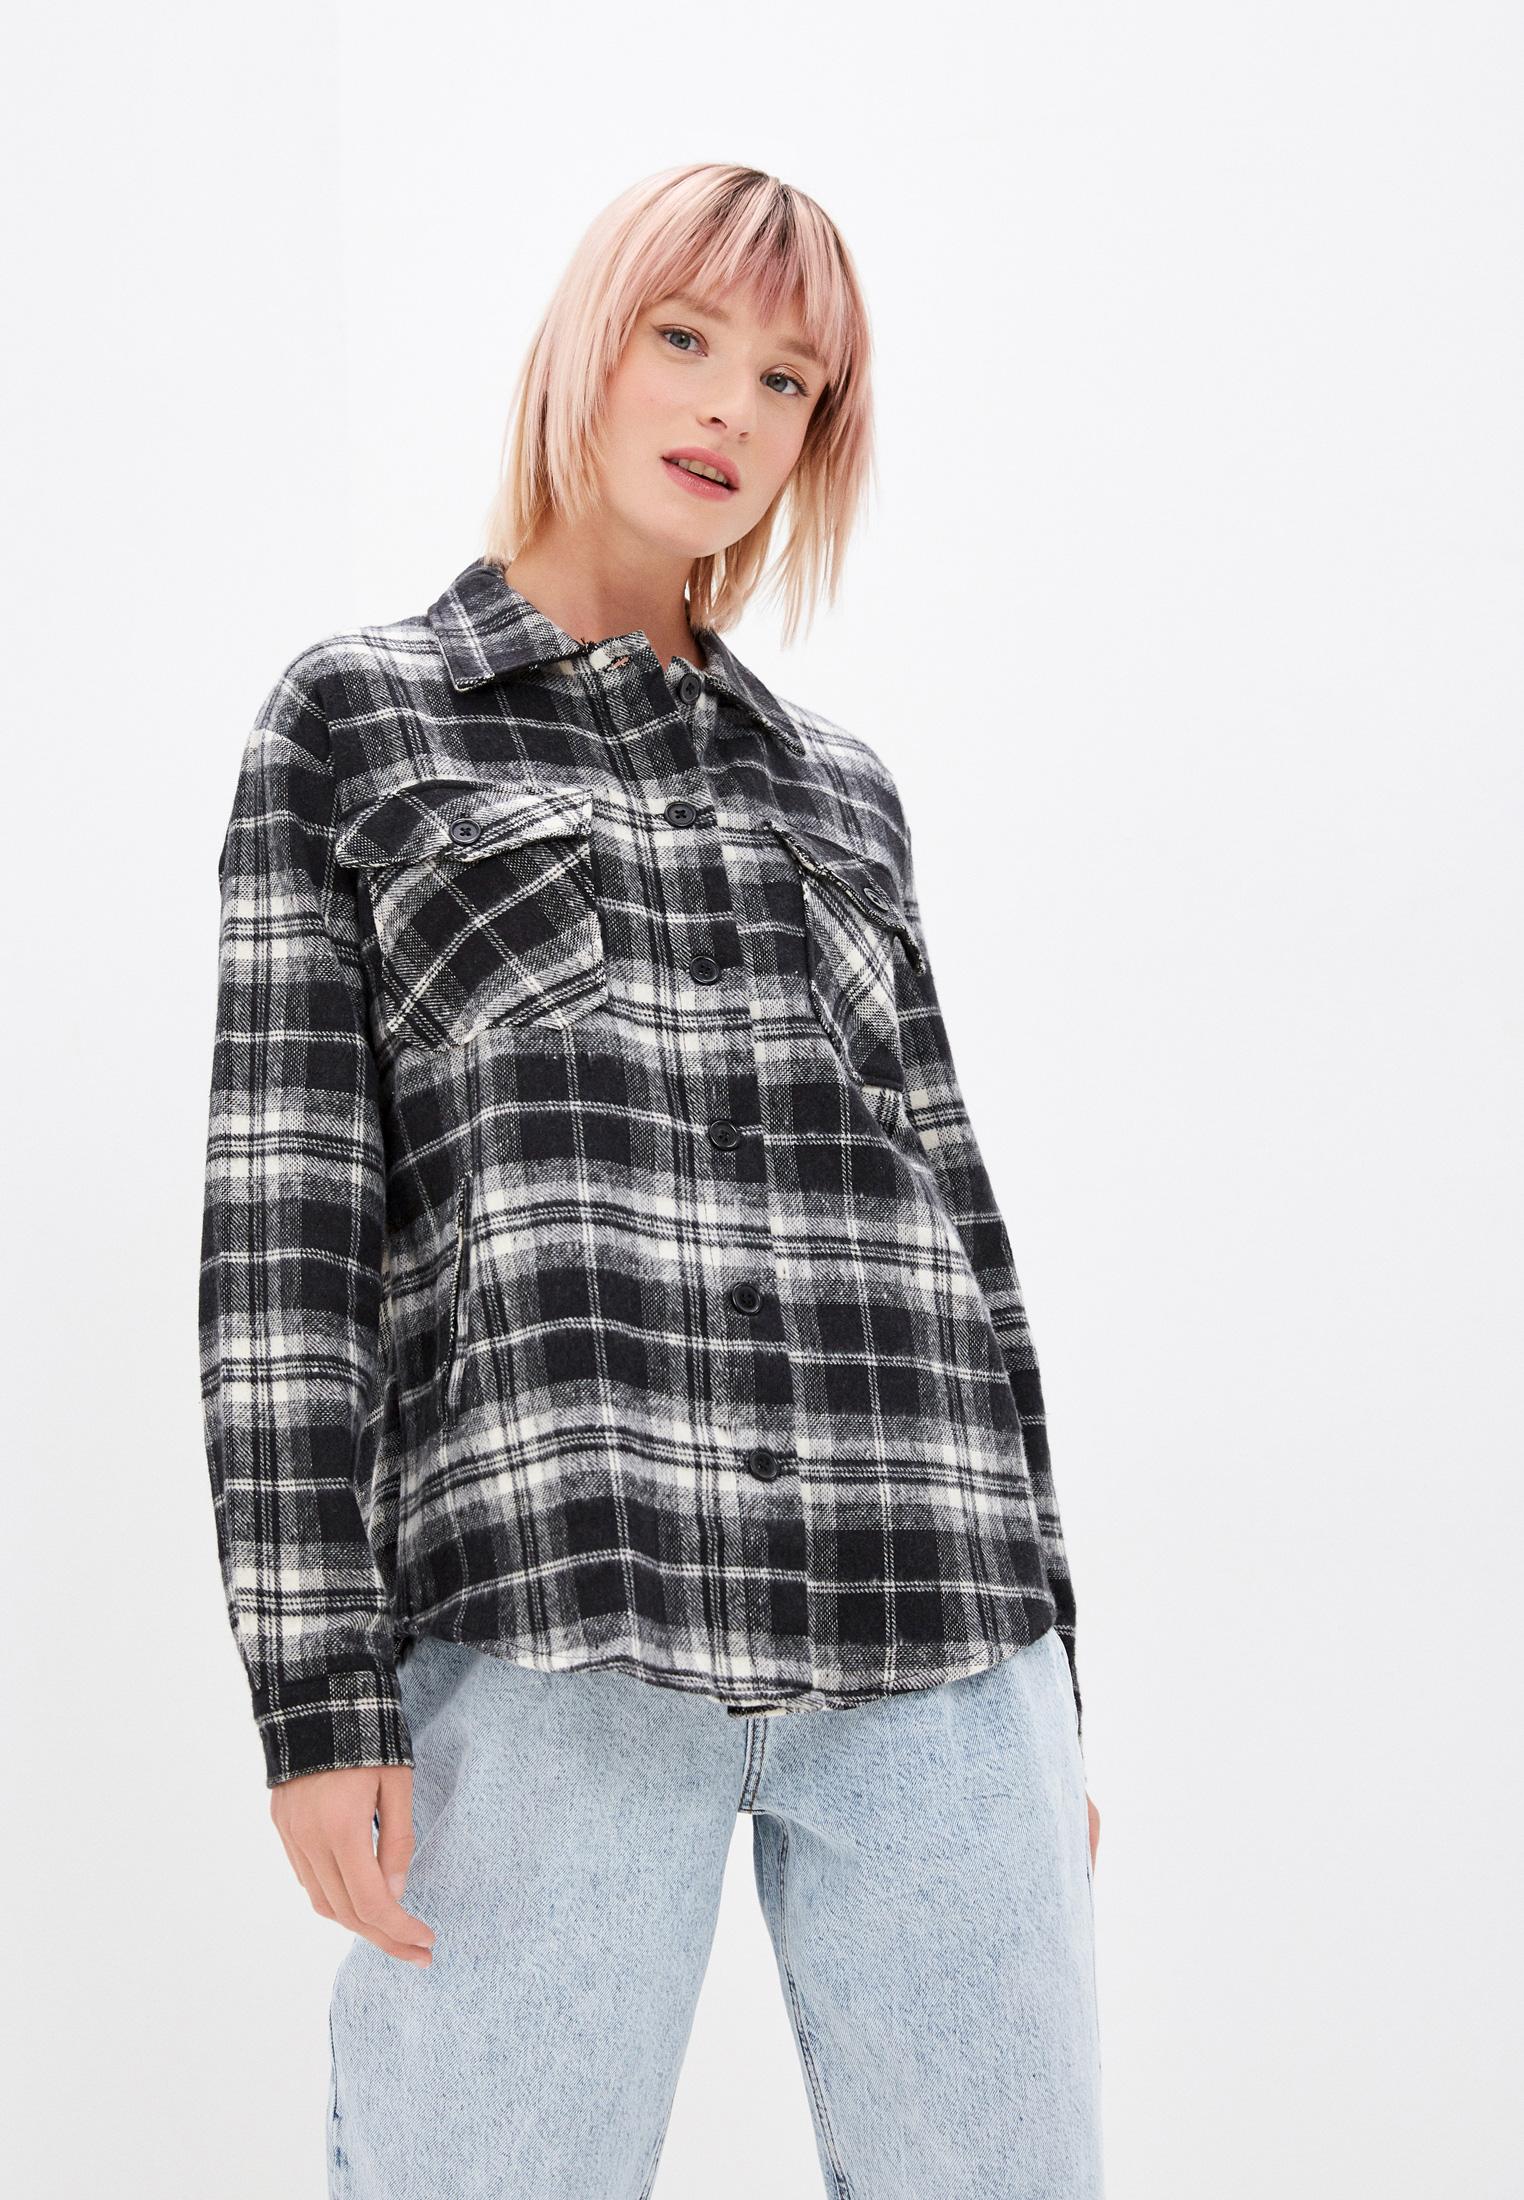 Женские рубашки с длинным рукавом Trendyol Рубашка Trendyol